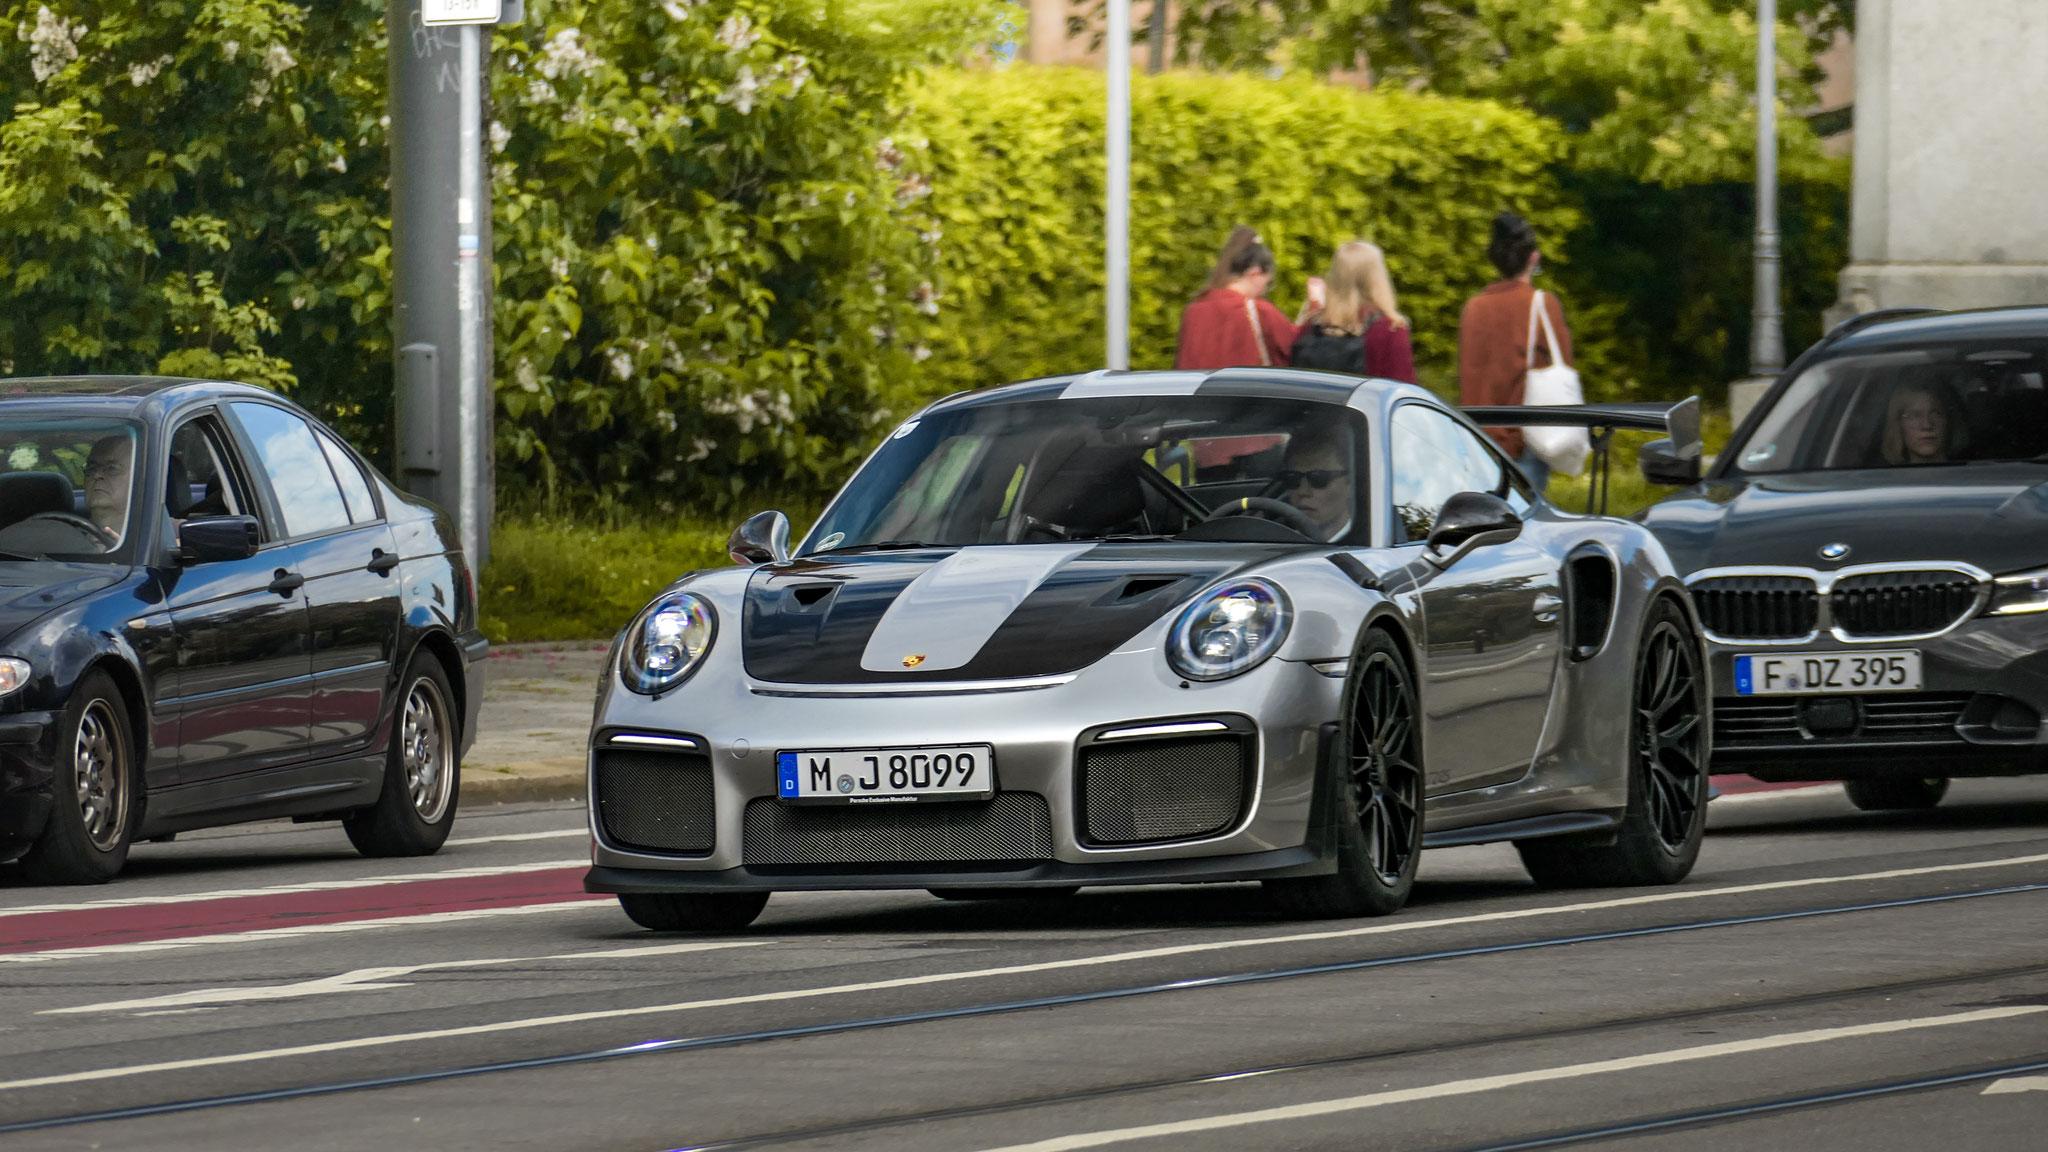 Porsche GT2 RS - M -J-8099